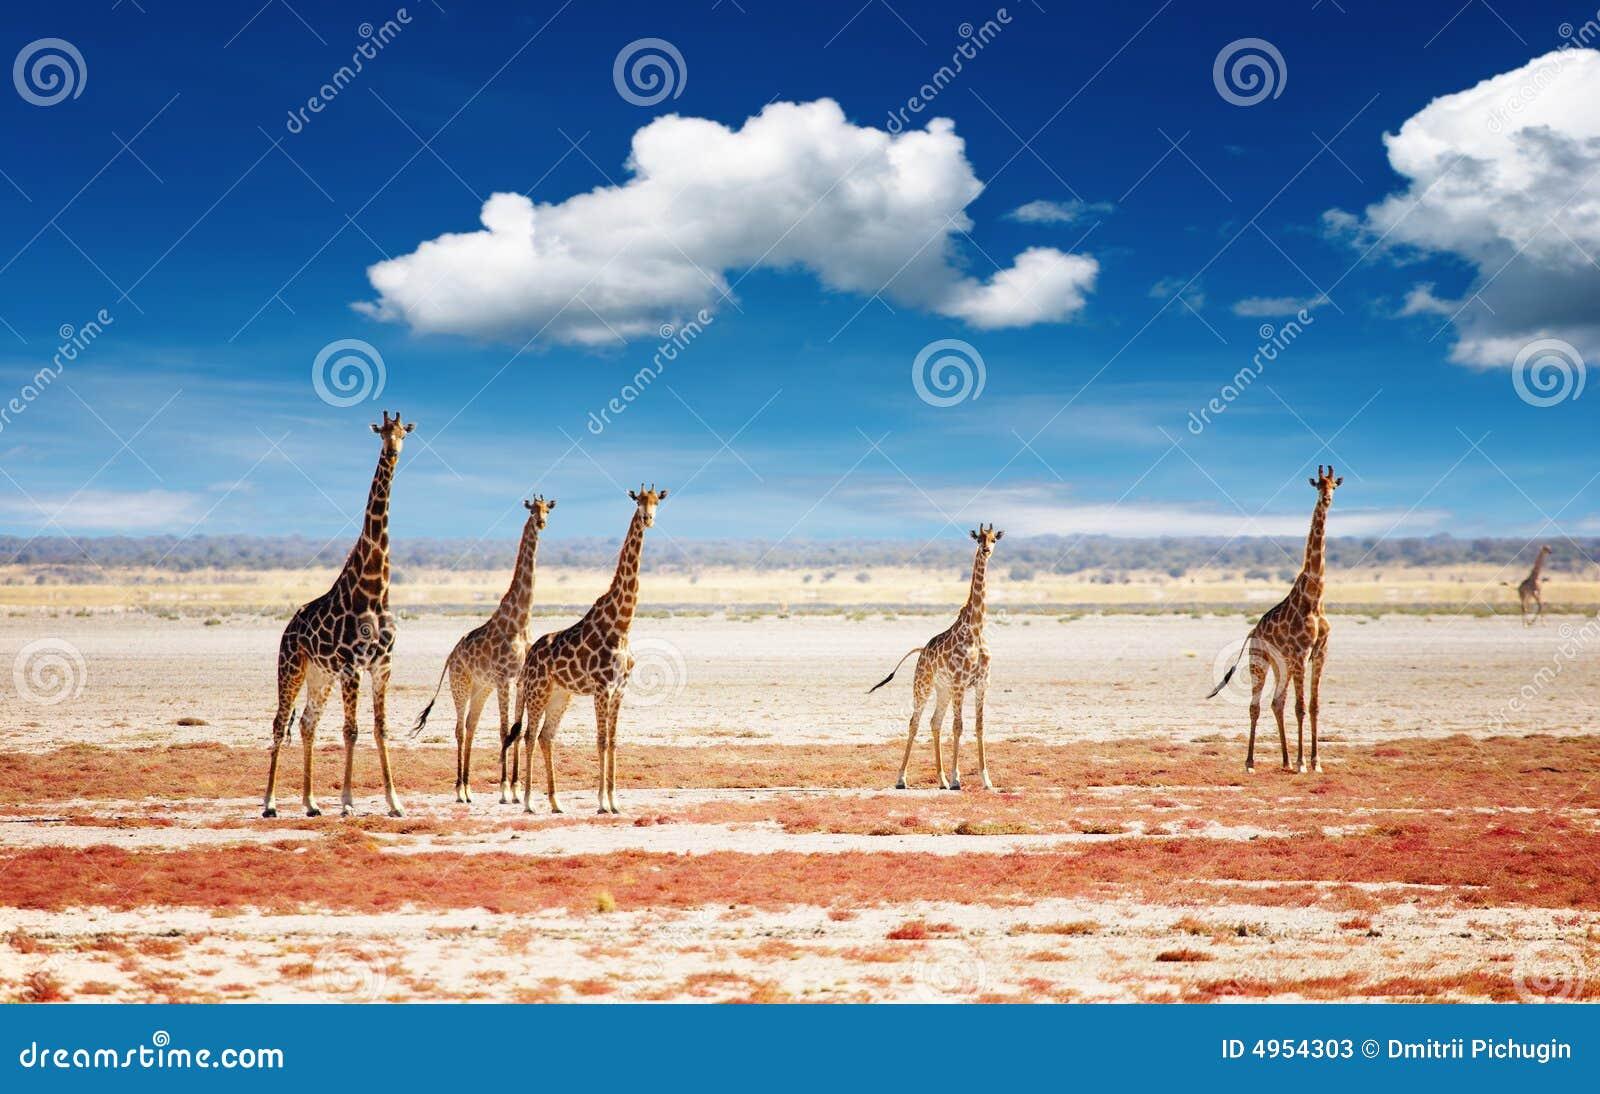 Troupeau de giraffes